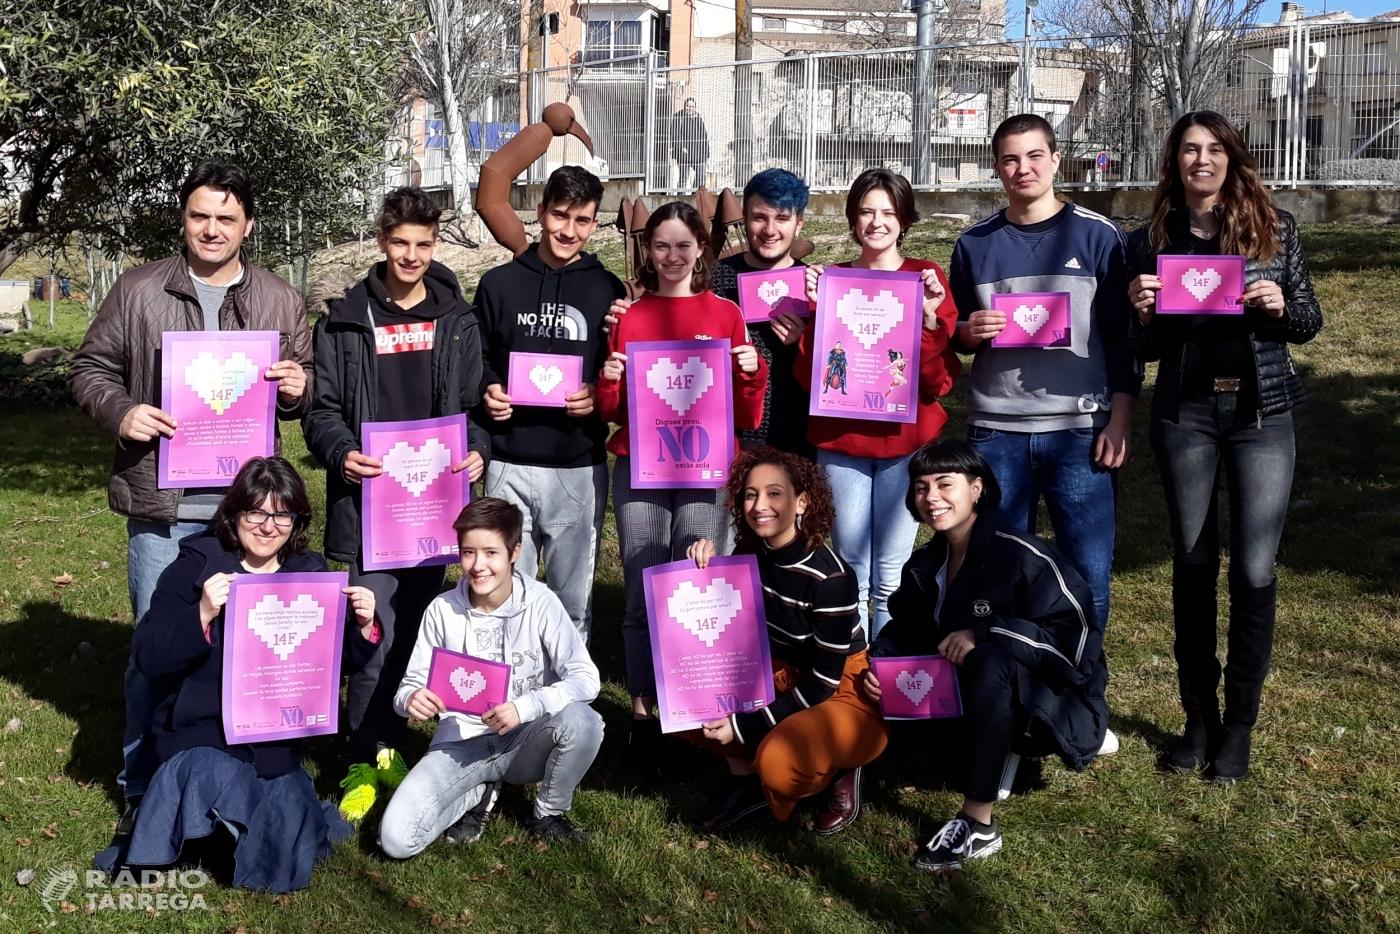 L'Ajuntament de Tàrrega impulsa una campanya de prevenció de la violència de gènere associada als falsos mites de l'amor romàntic